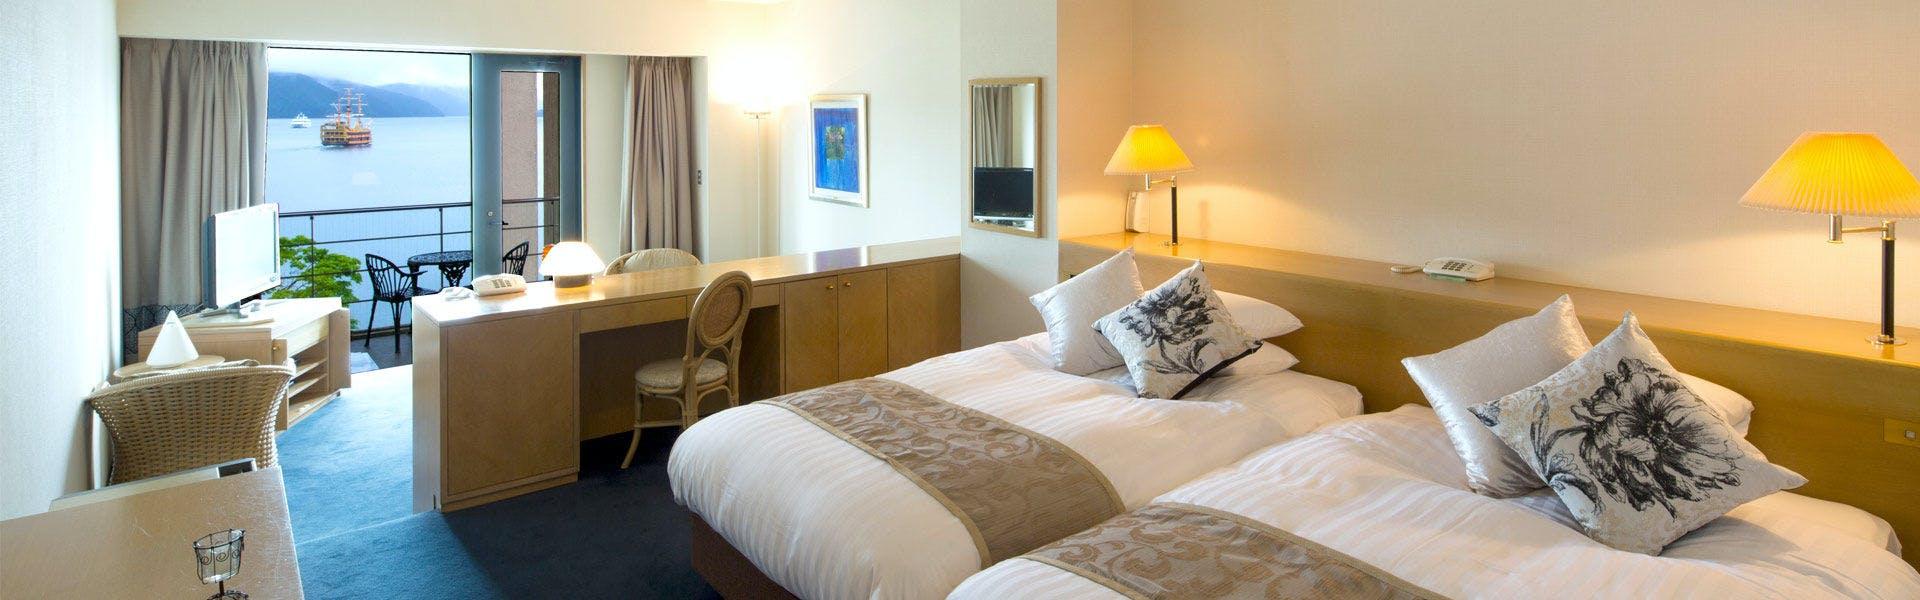 記念日におすすめのホテル・箱根ホテル 富士屋ホテルレイクビューアネックスの写真2